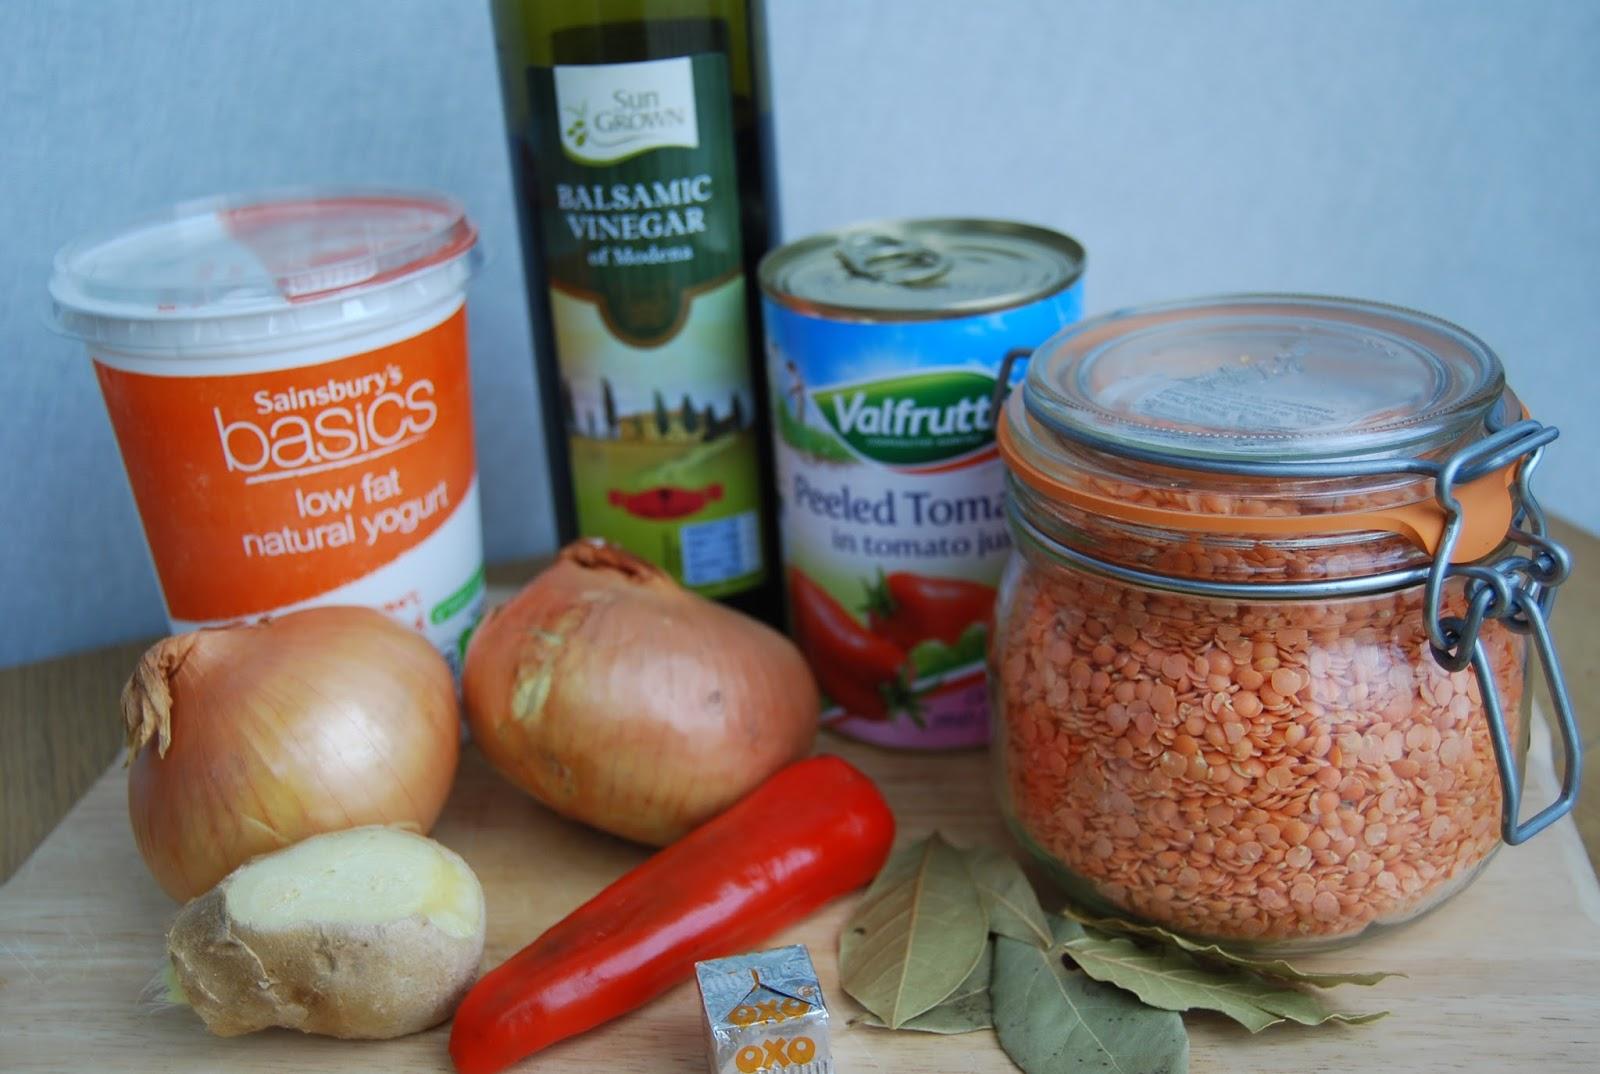 Curry night 07 jamie oliver rogan josh recipe 12 a jar of pataks rogan josh curry paste or jamies recipe see below 2 handfuls red lentils 200g natural yoghurt forumfinder Gallery